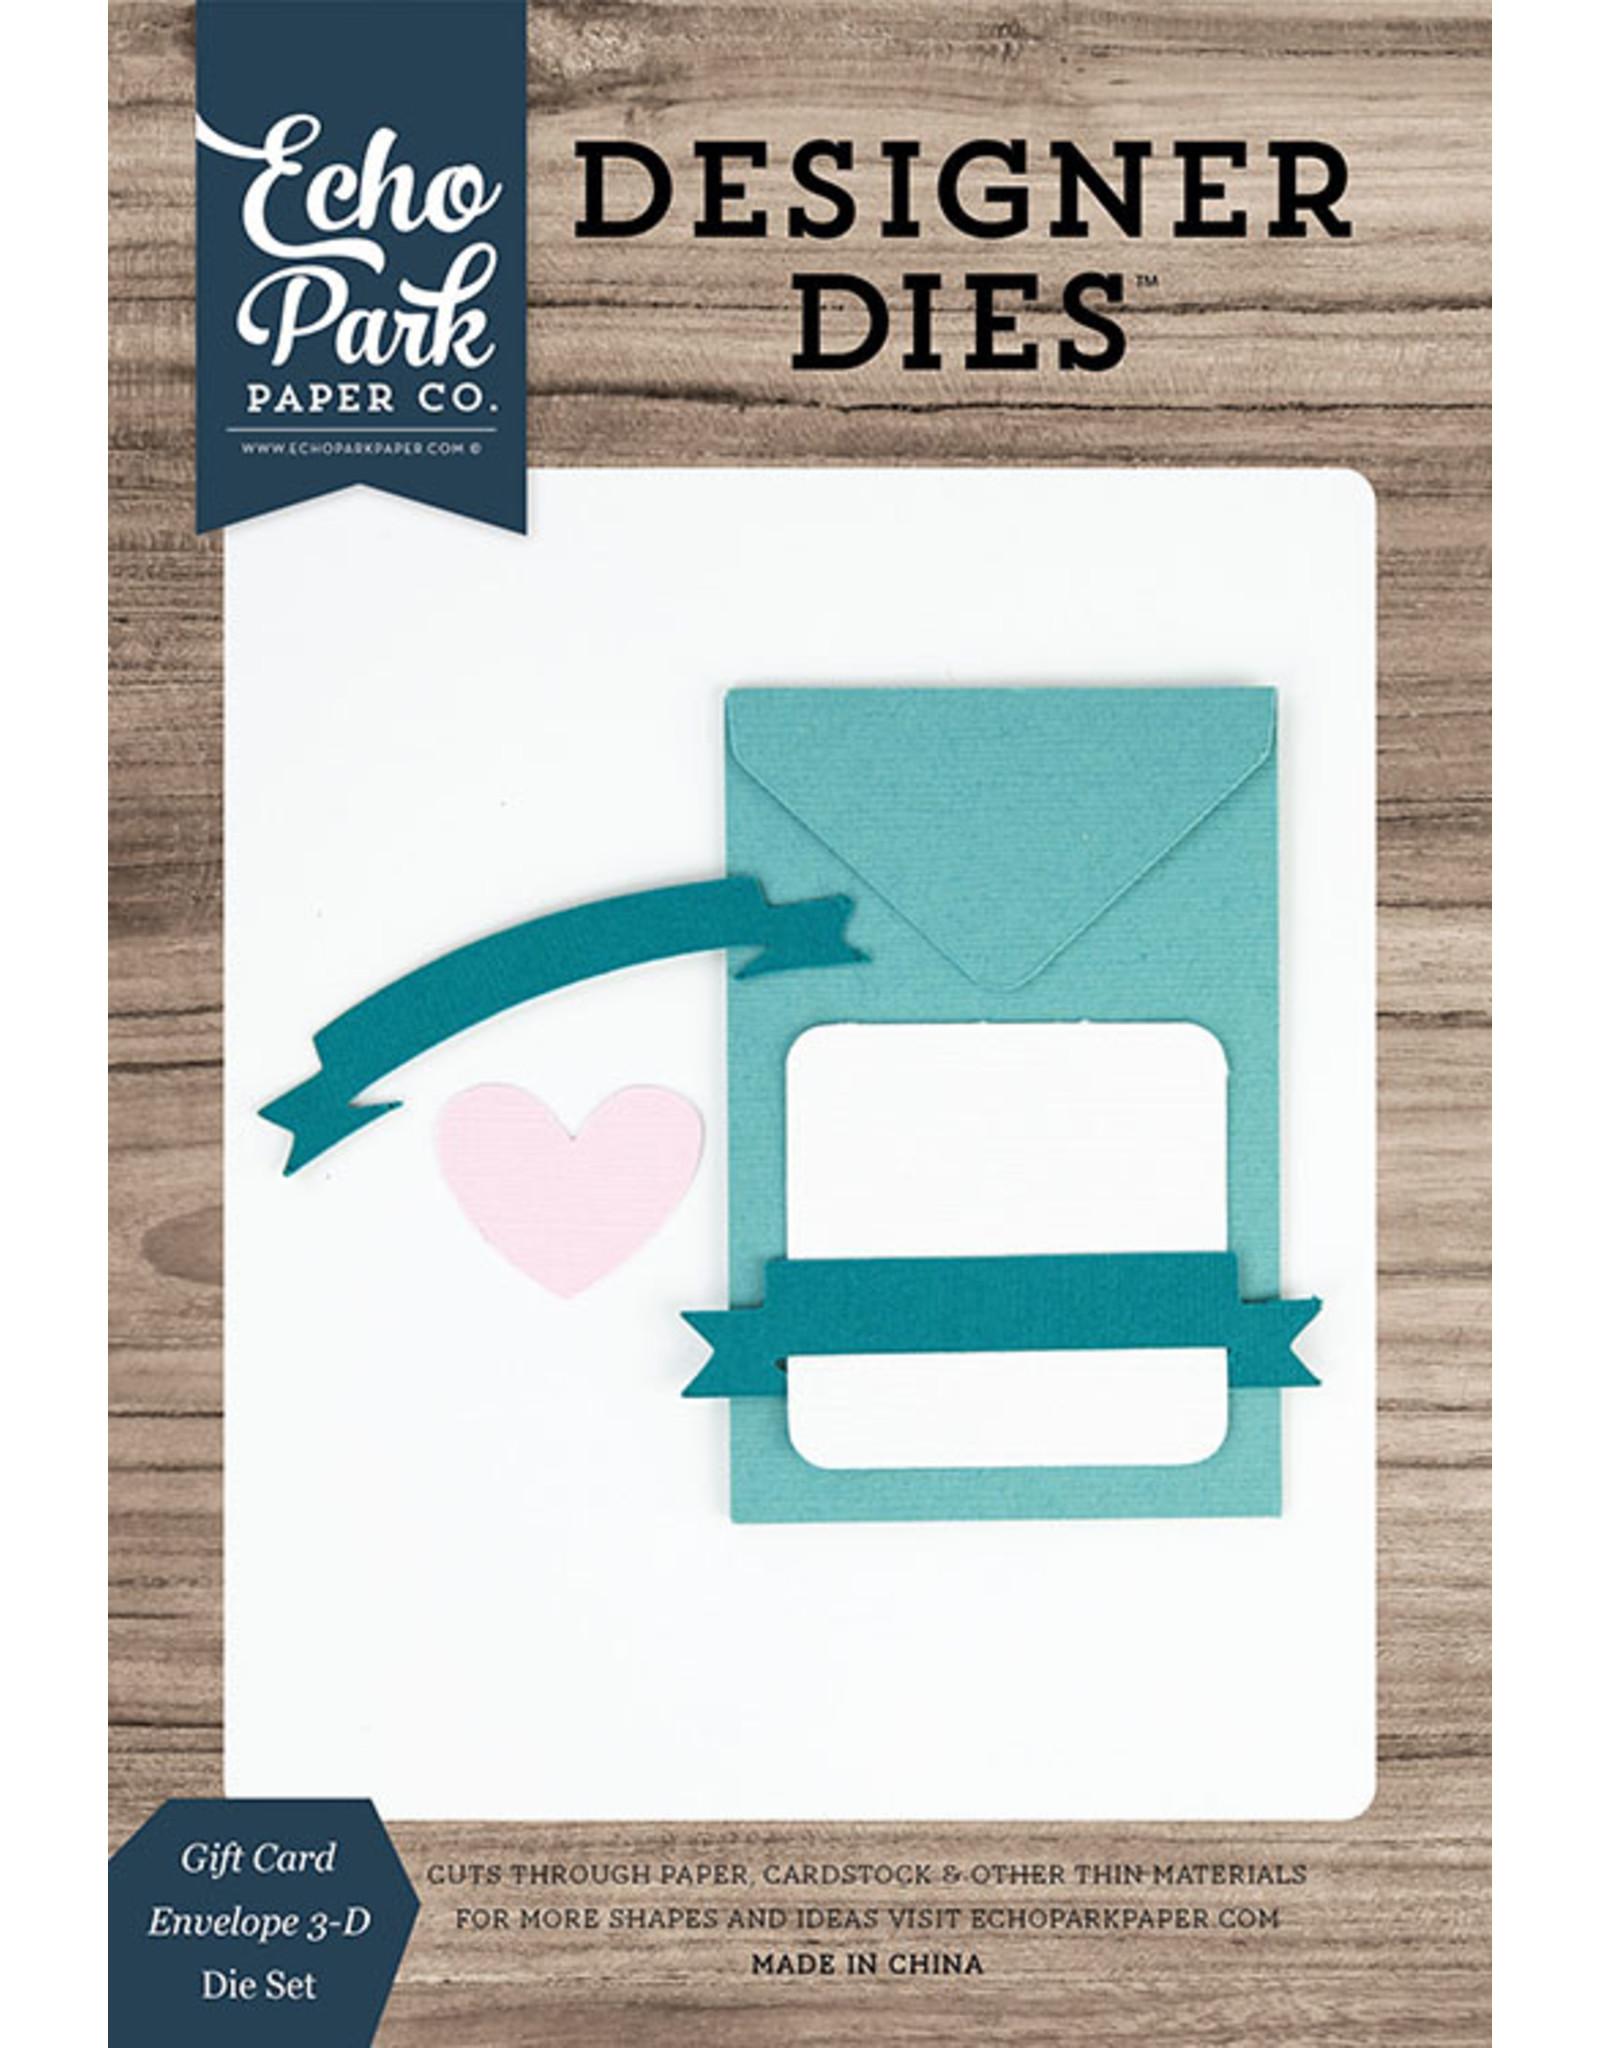 Echo Park Gift Card Envelope - 3D Die Set